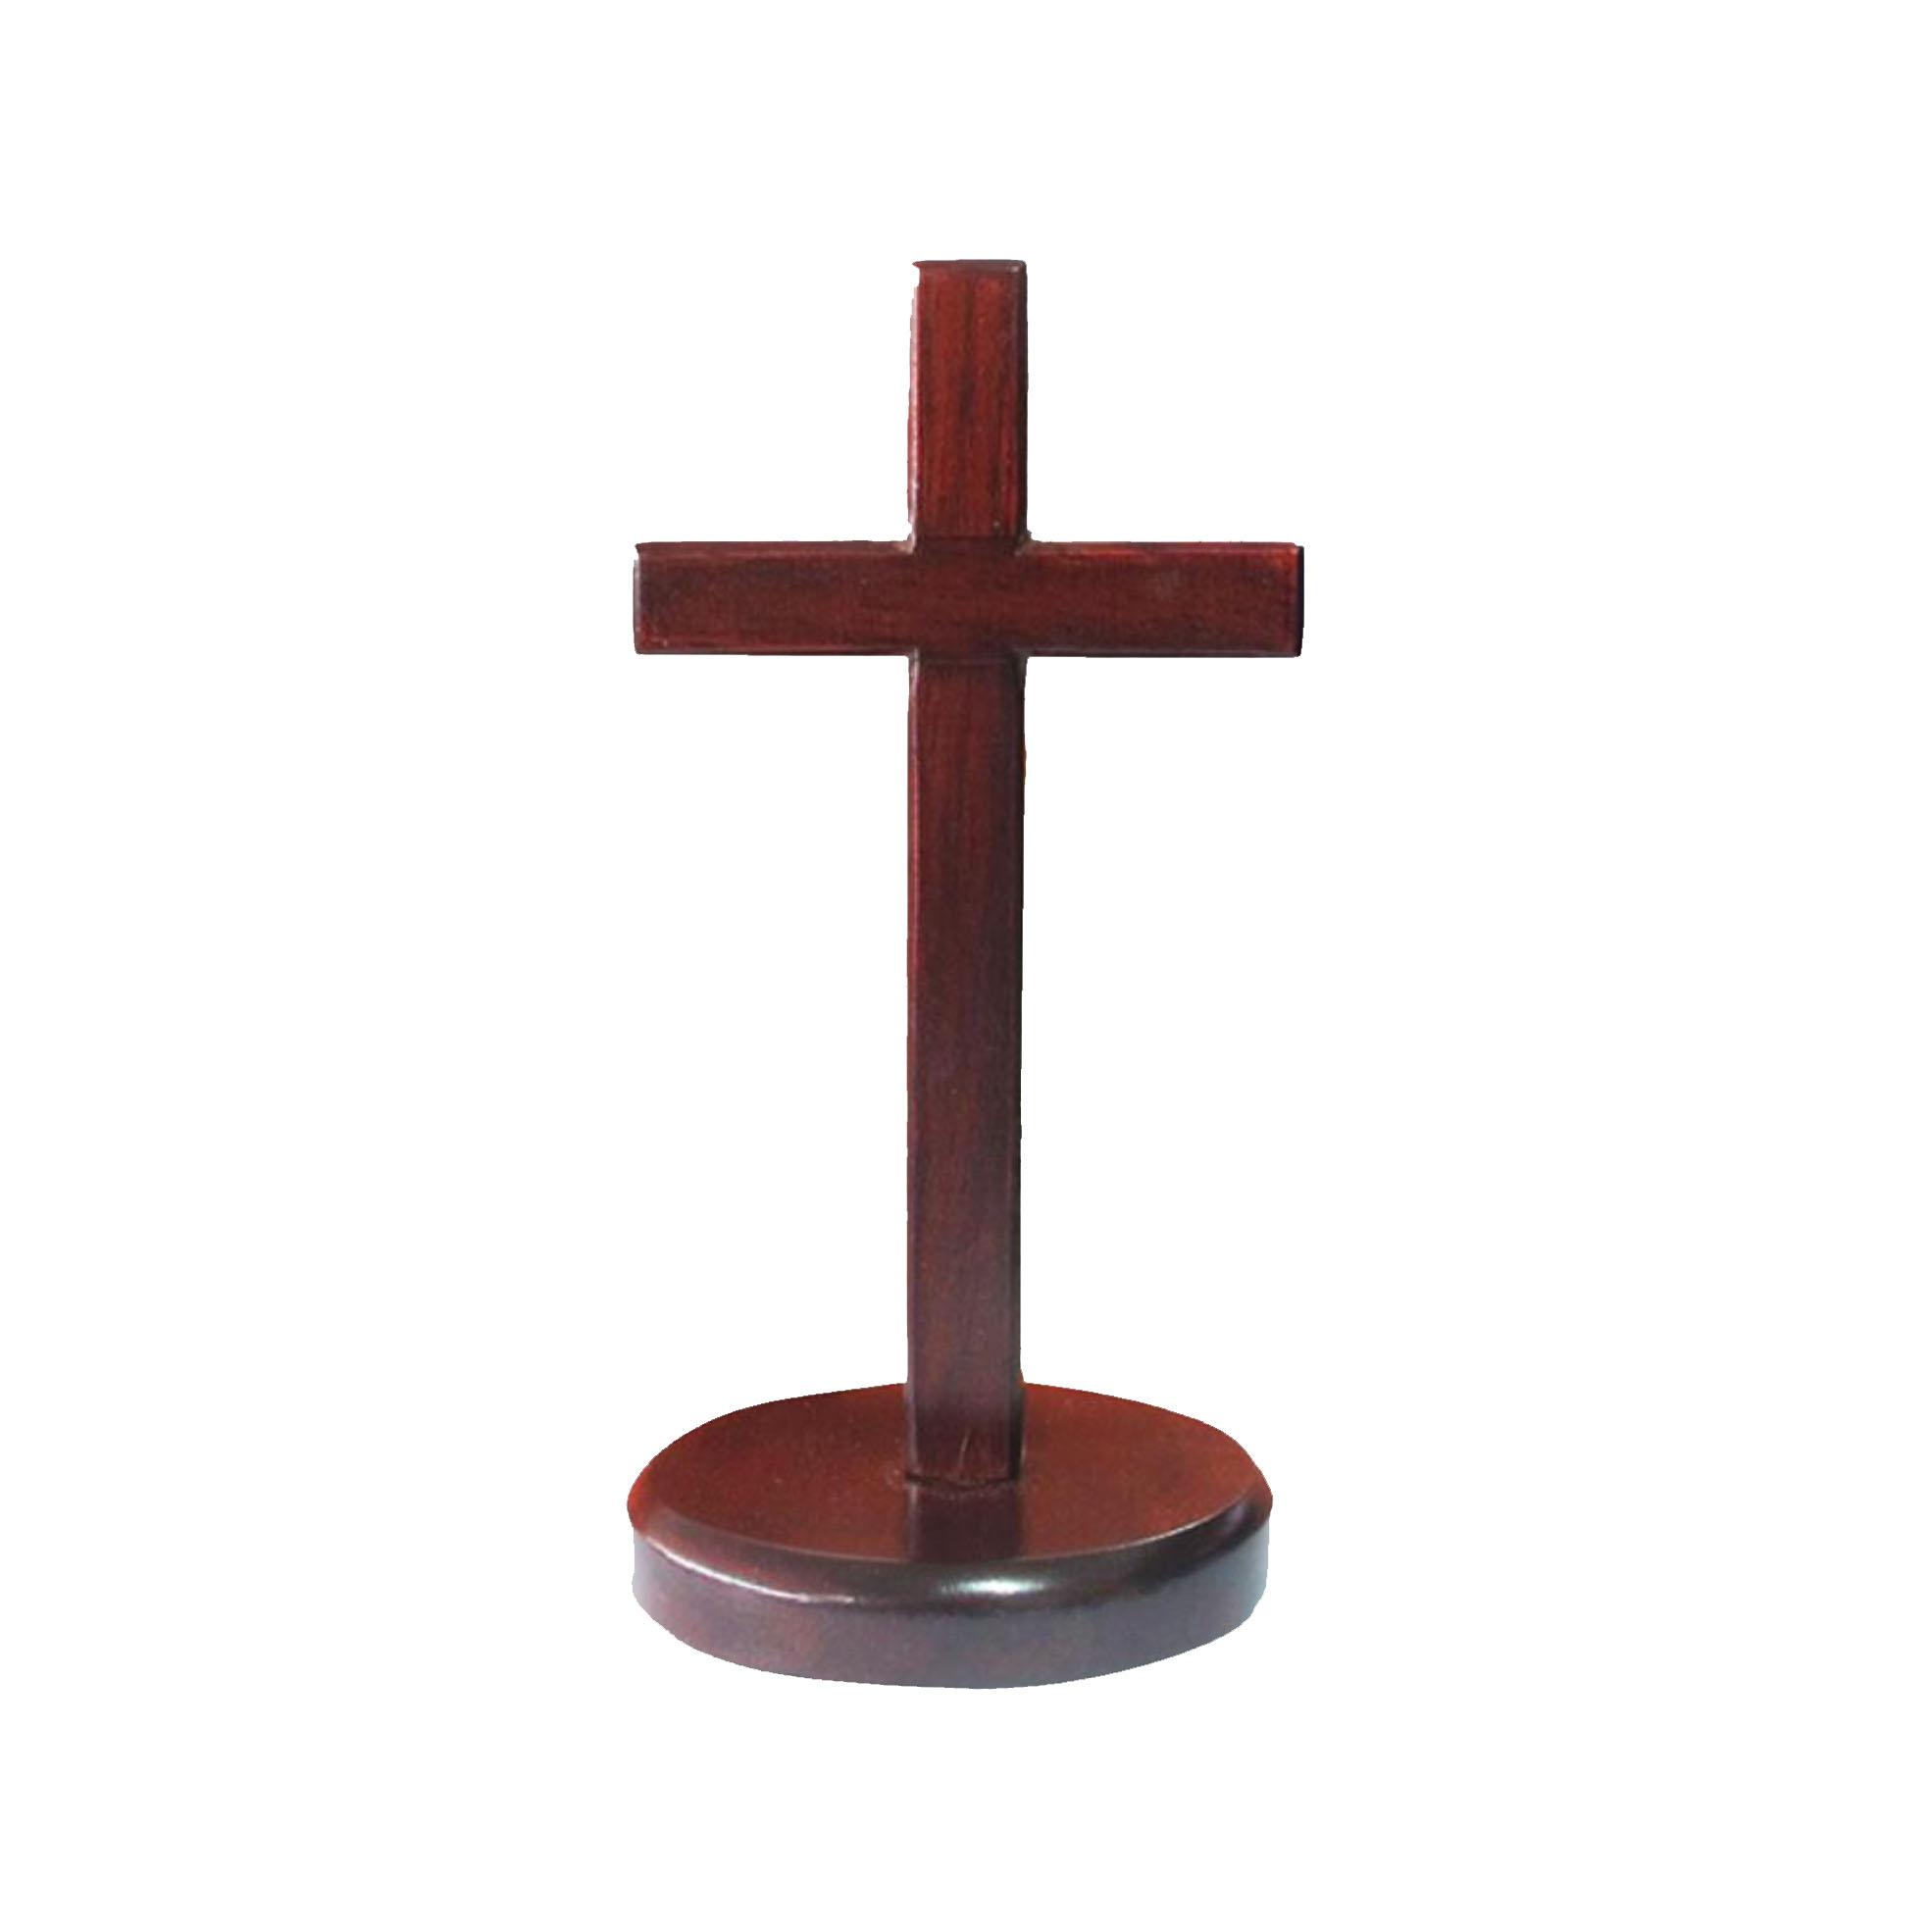 木雕十架10公分-圓立座